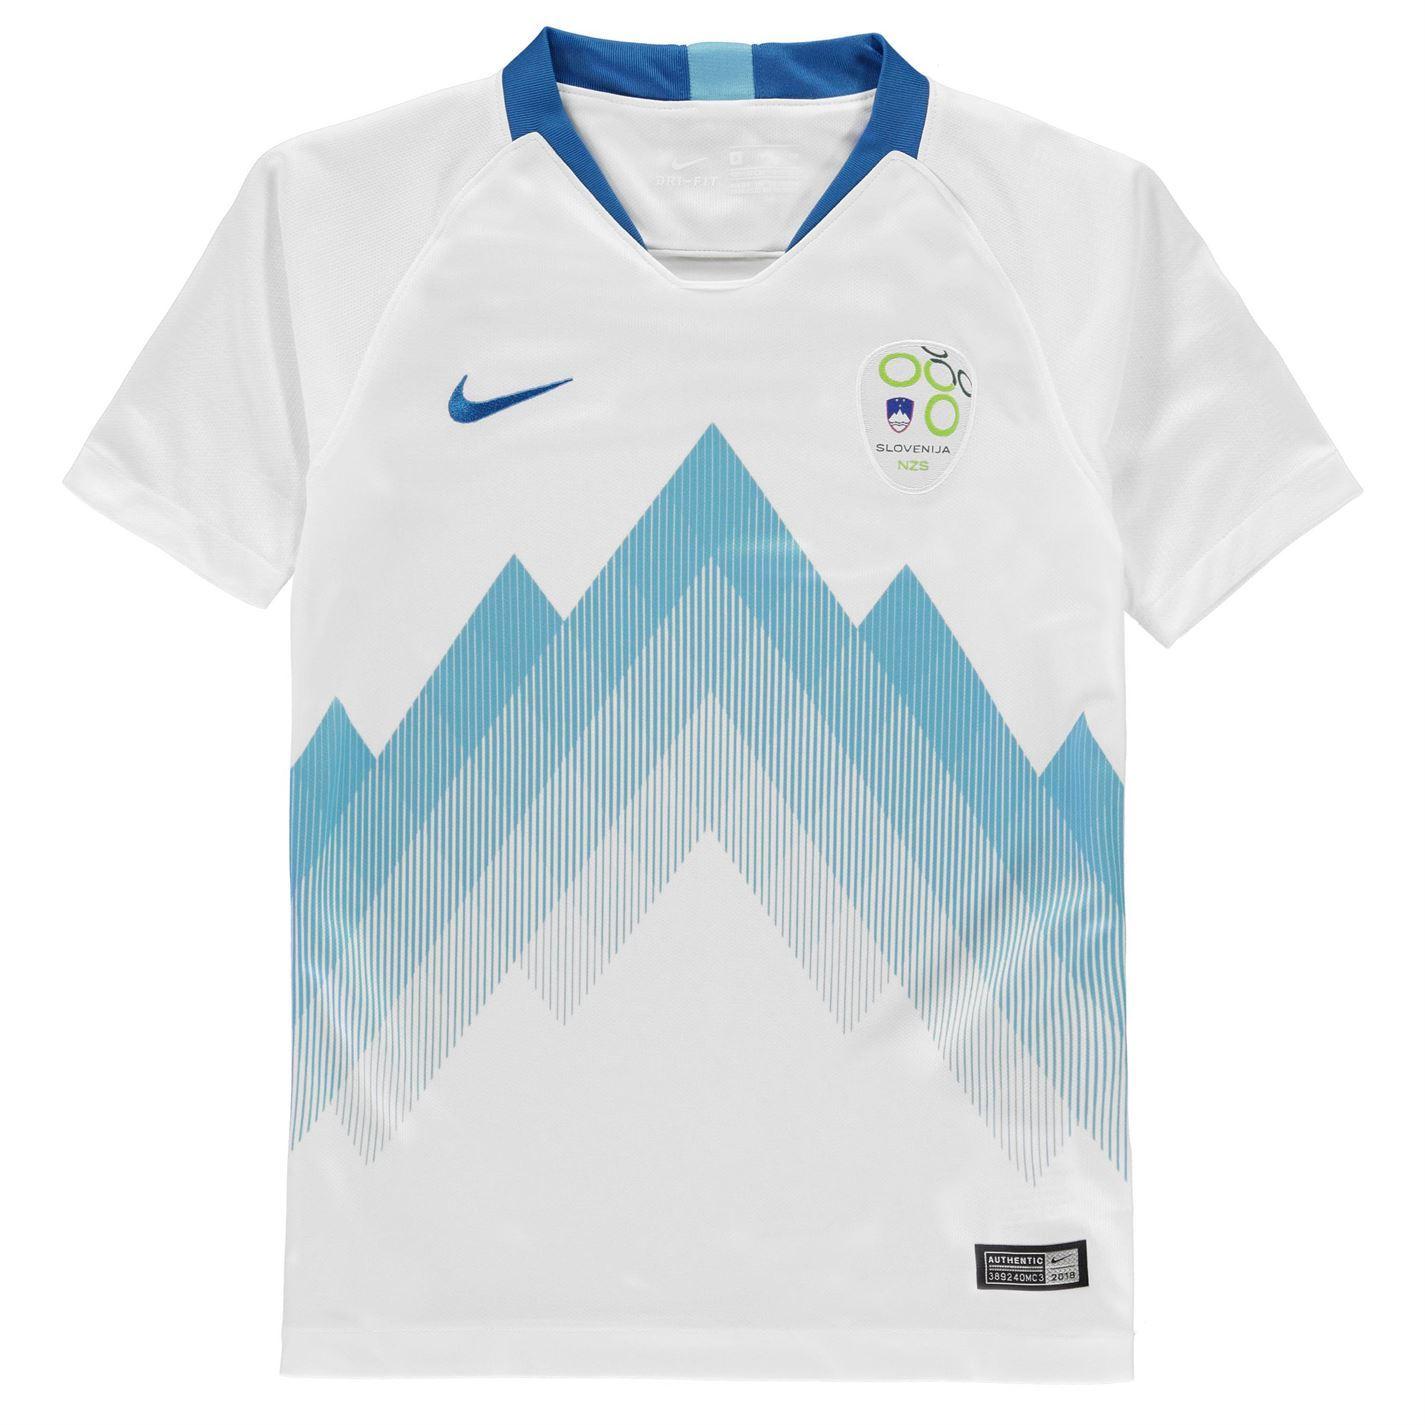 ee0a9dd0 ... Nike Slovenia Home Jersey 2018 Juniors White/Blue Football Soccer Fan  Shirt Top ...